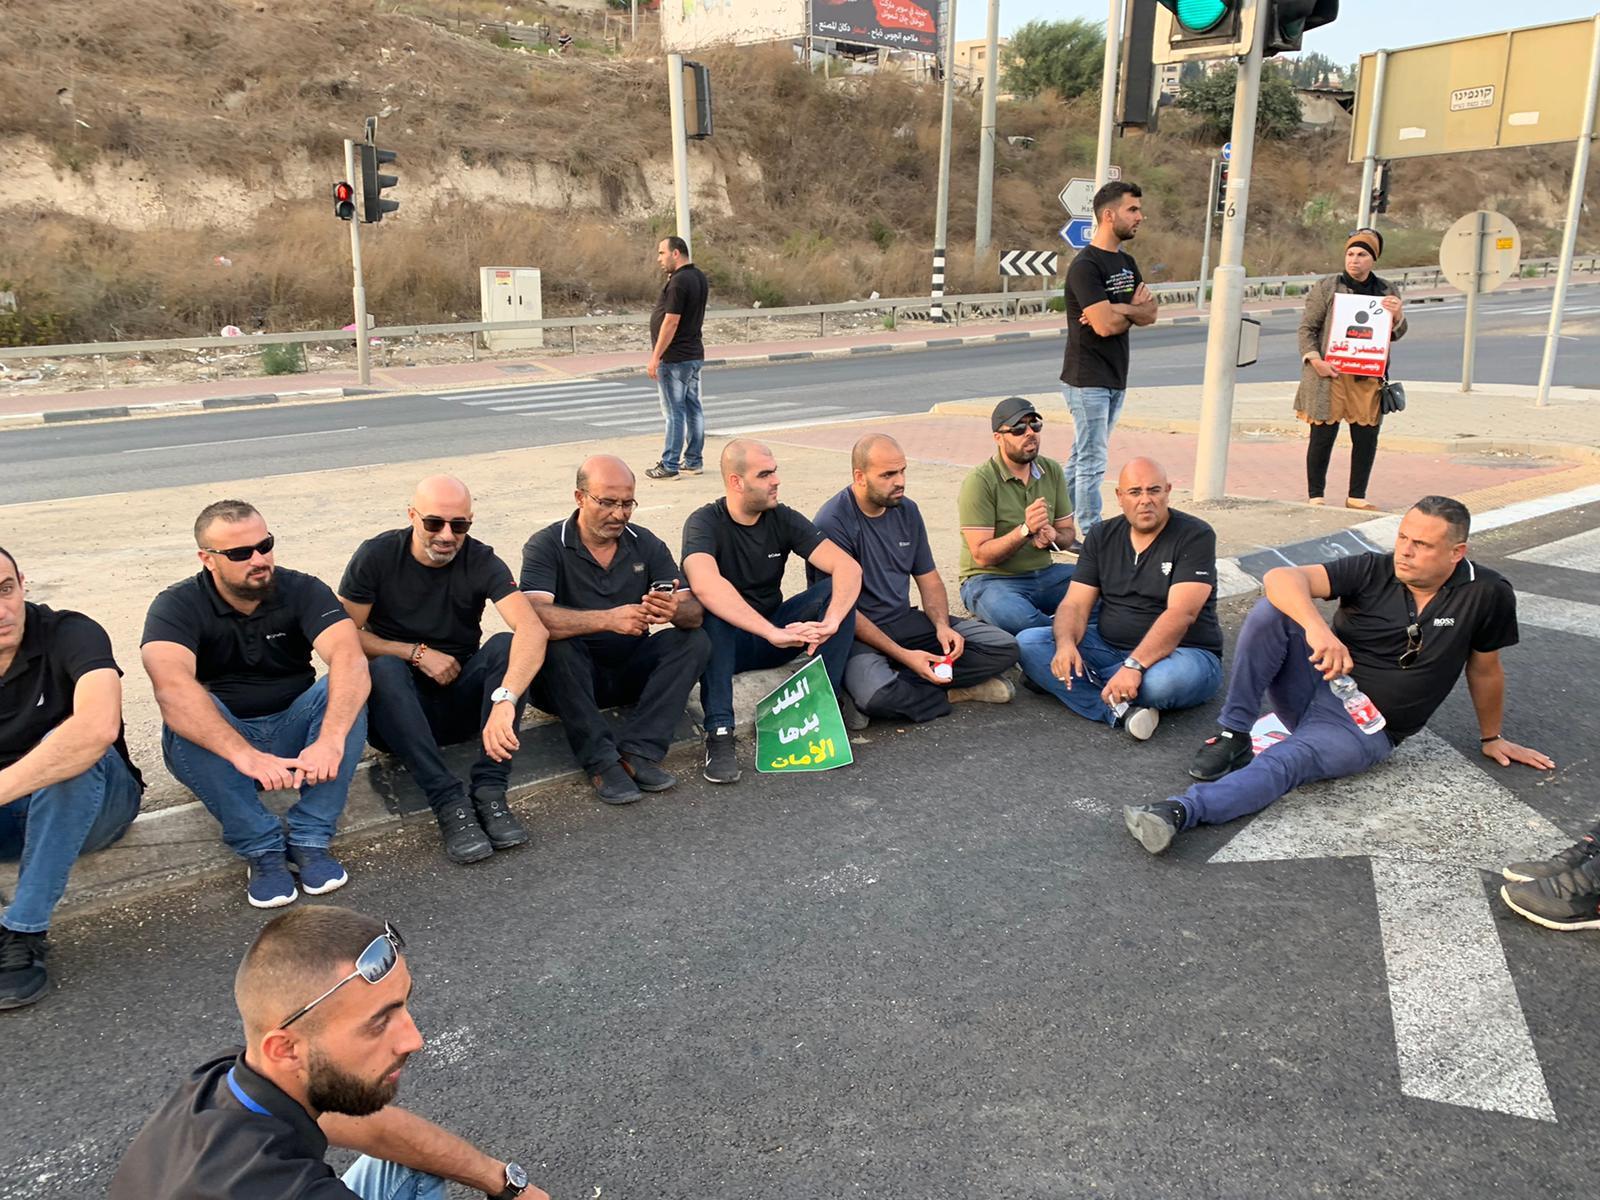 أم الفحم: إغلاق شارع 65 والشرطة تستفز وتعتقل